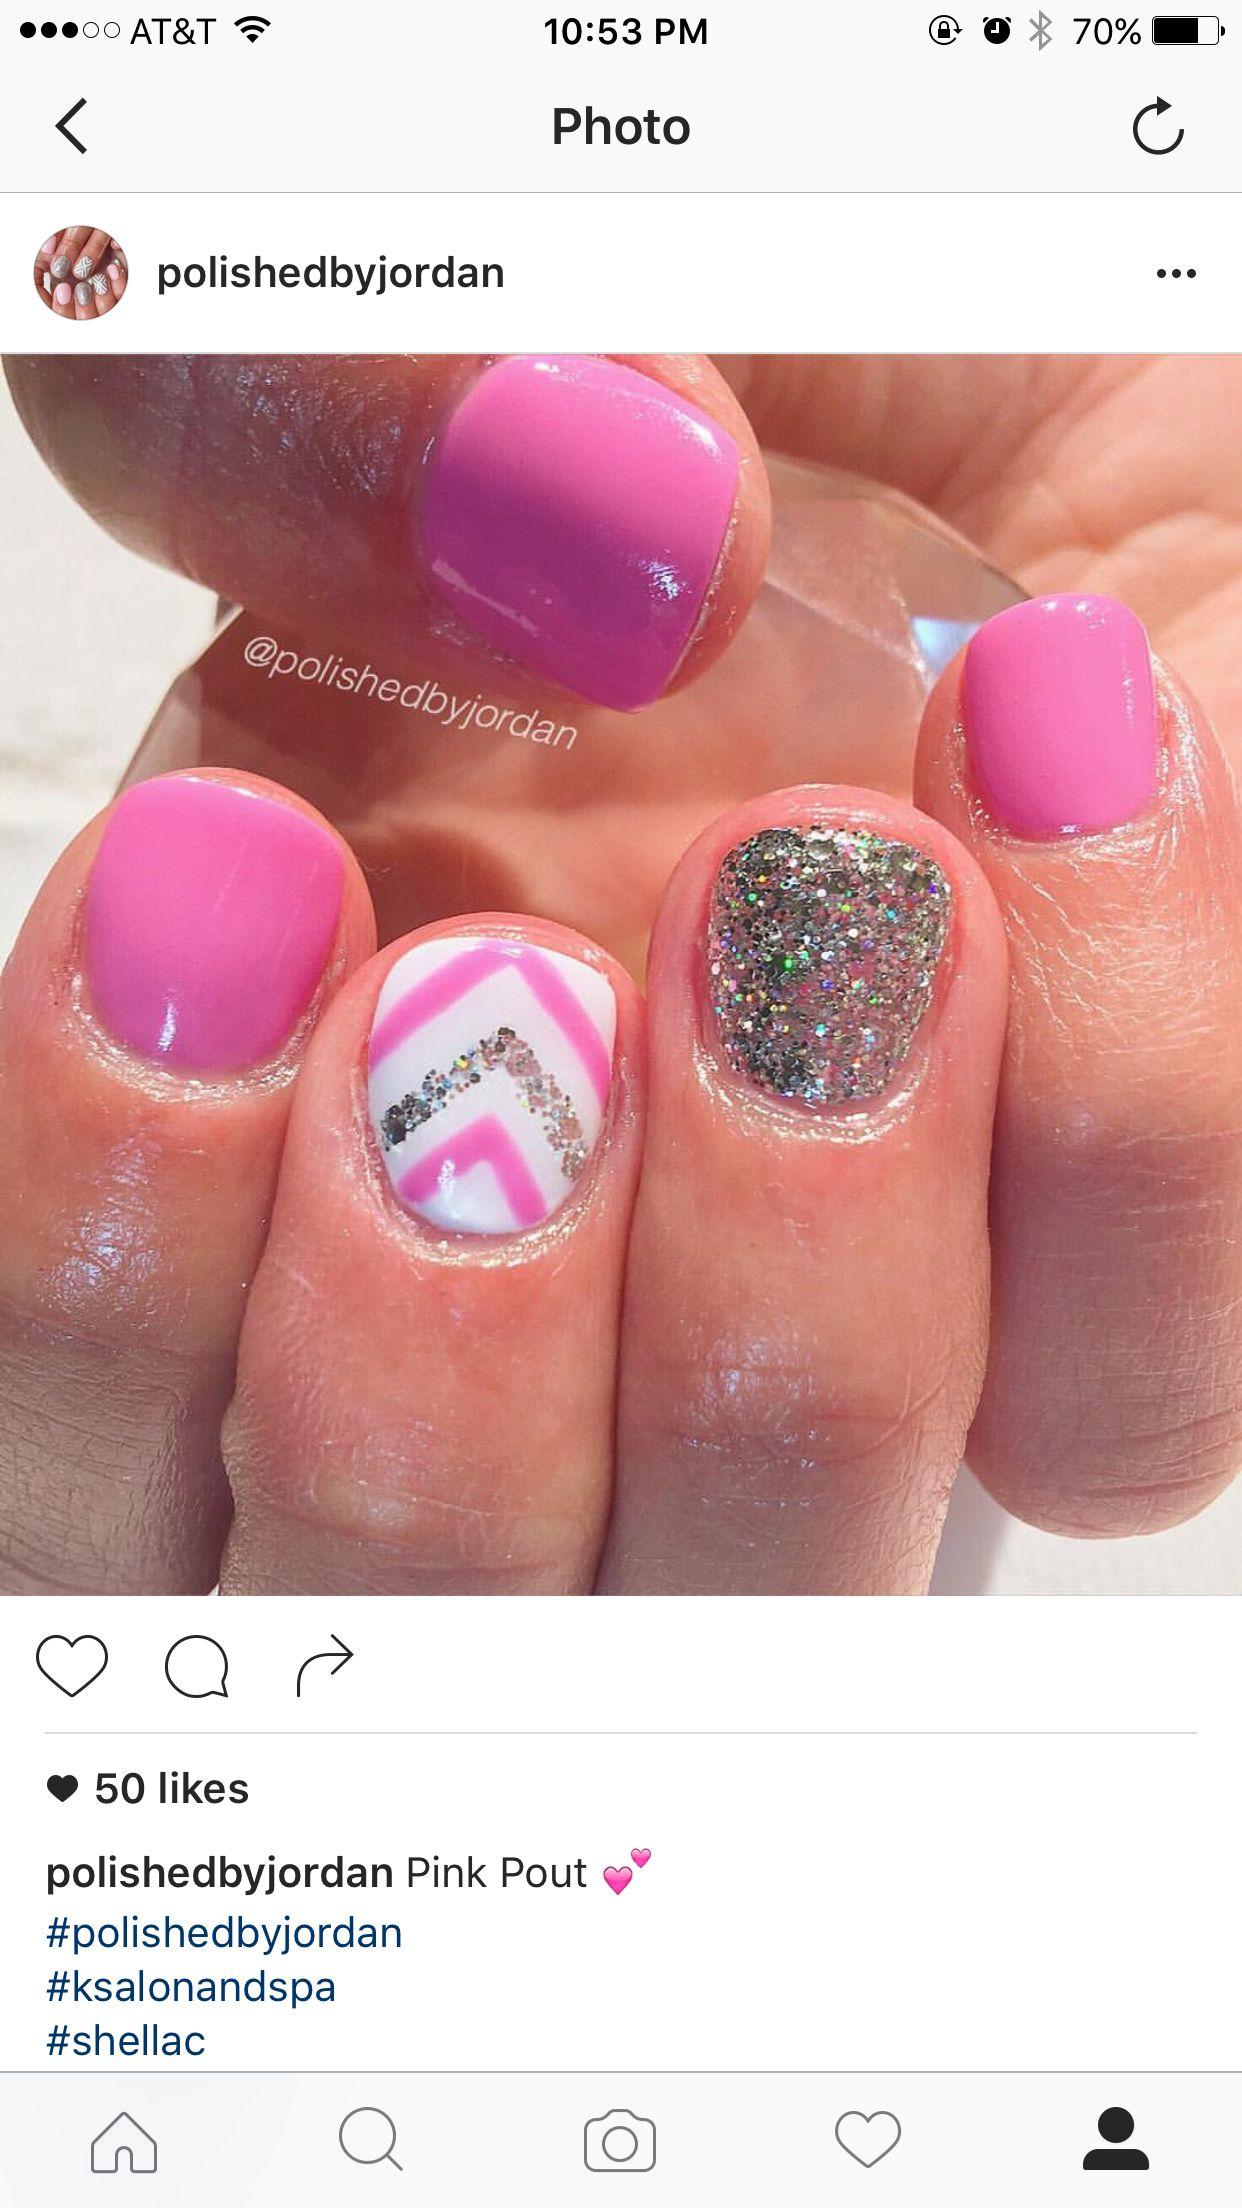 Ally Sheedy Fakes pinally sheedy on nails   toe nails, how to do nails